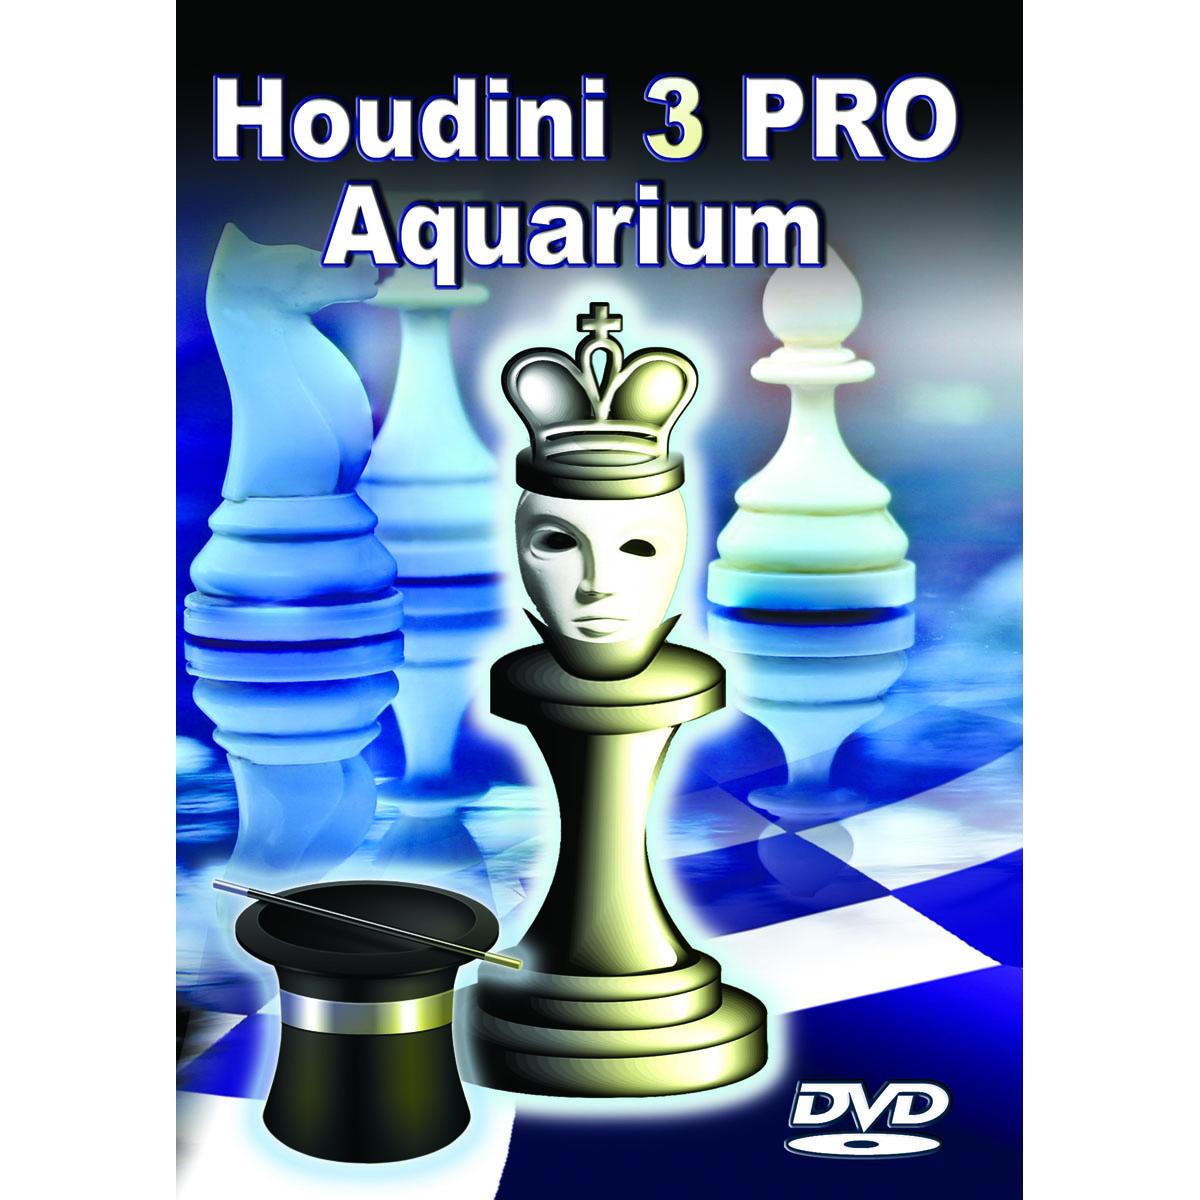 Houdini3